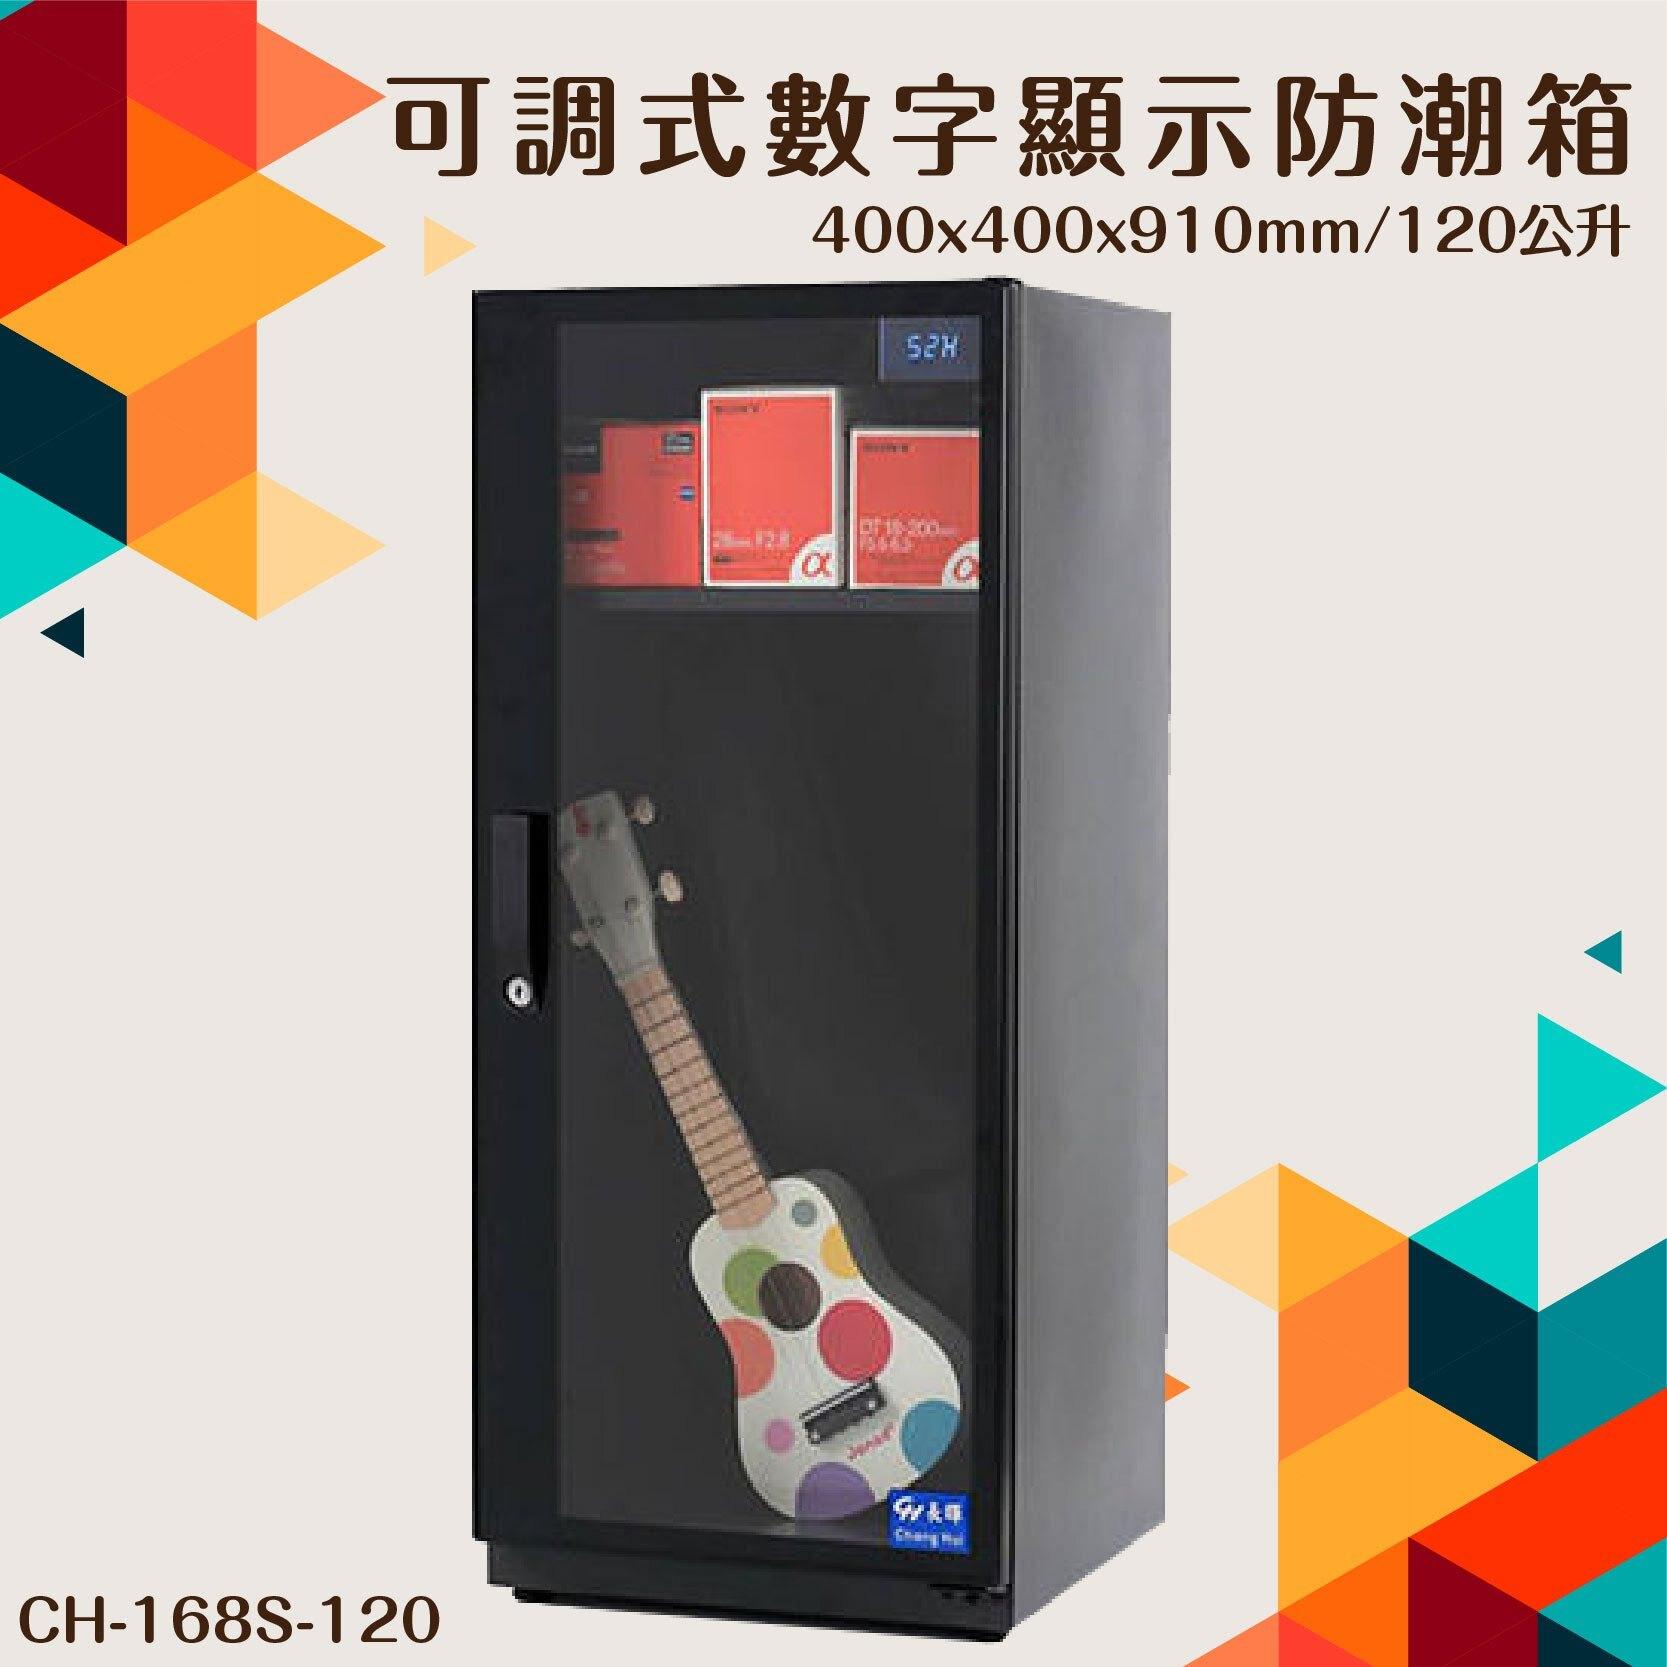 【安心存放】長暉 120公升 可調式數字顯示防潮箱(簡易型) CH-168S-120 控溼 抗氧化 相機手錶包包咖啡